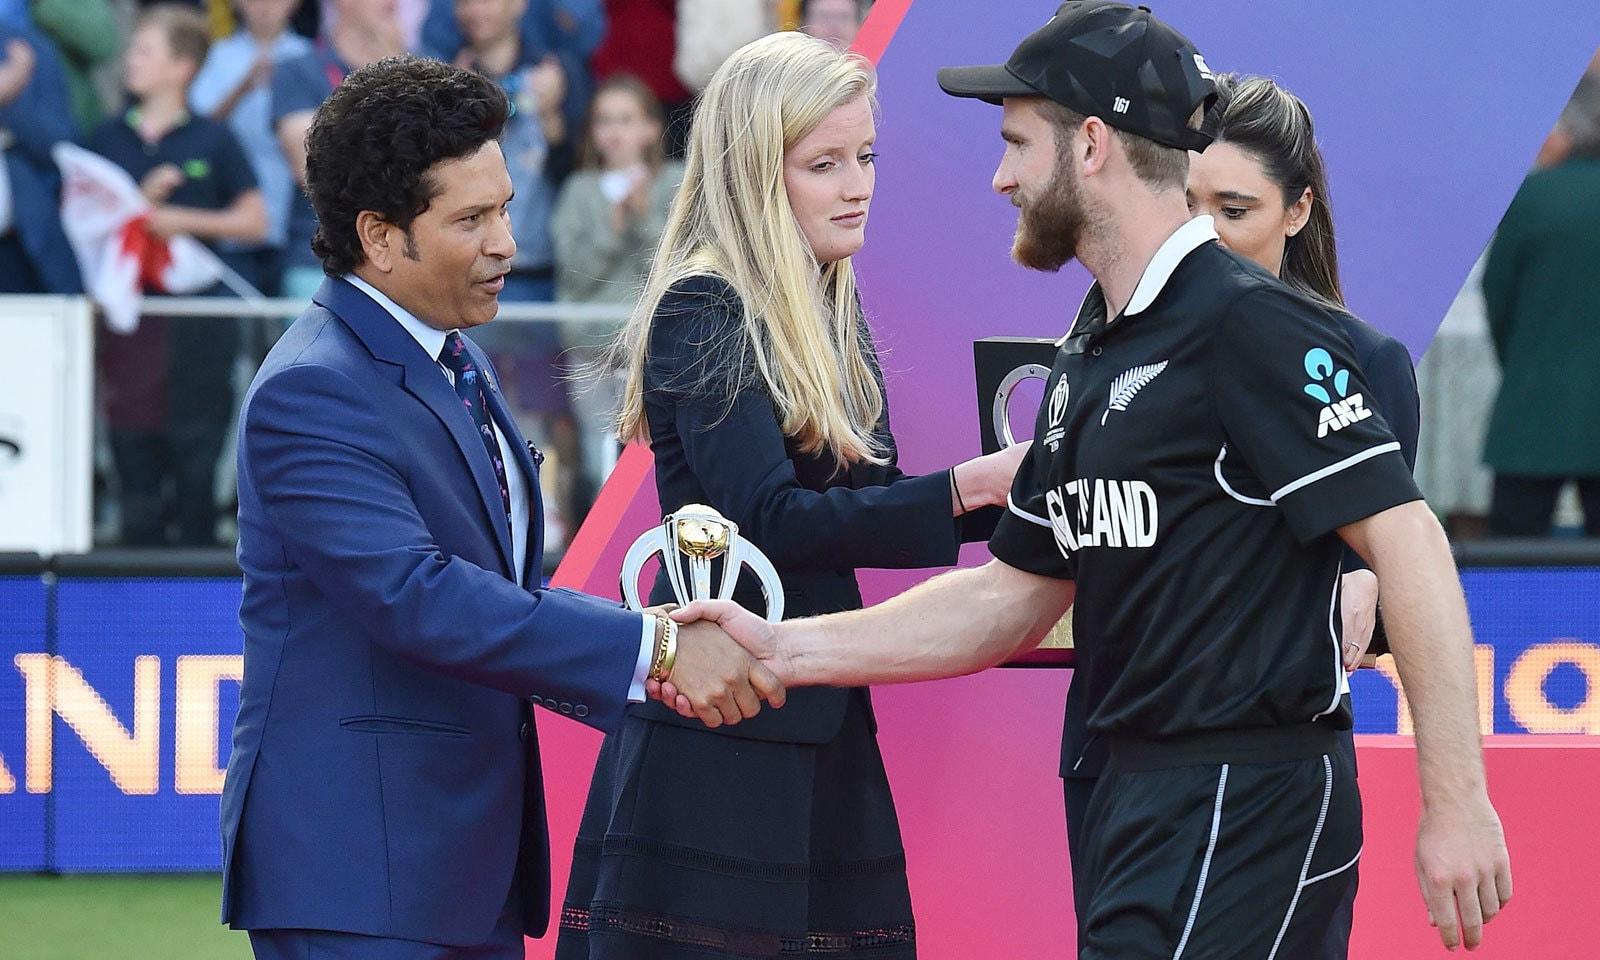 سابق عظیم بھارتی بلے باز سچن ٹنڈولکر نیوزی لینڈ کے کپتان کین ولیمسن کو ٹورنامنٹ کے بہترین کھلاڑی کا ایوارڈ دے رہے ہیں— فوٹو: رائٹرز